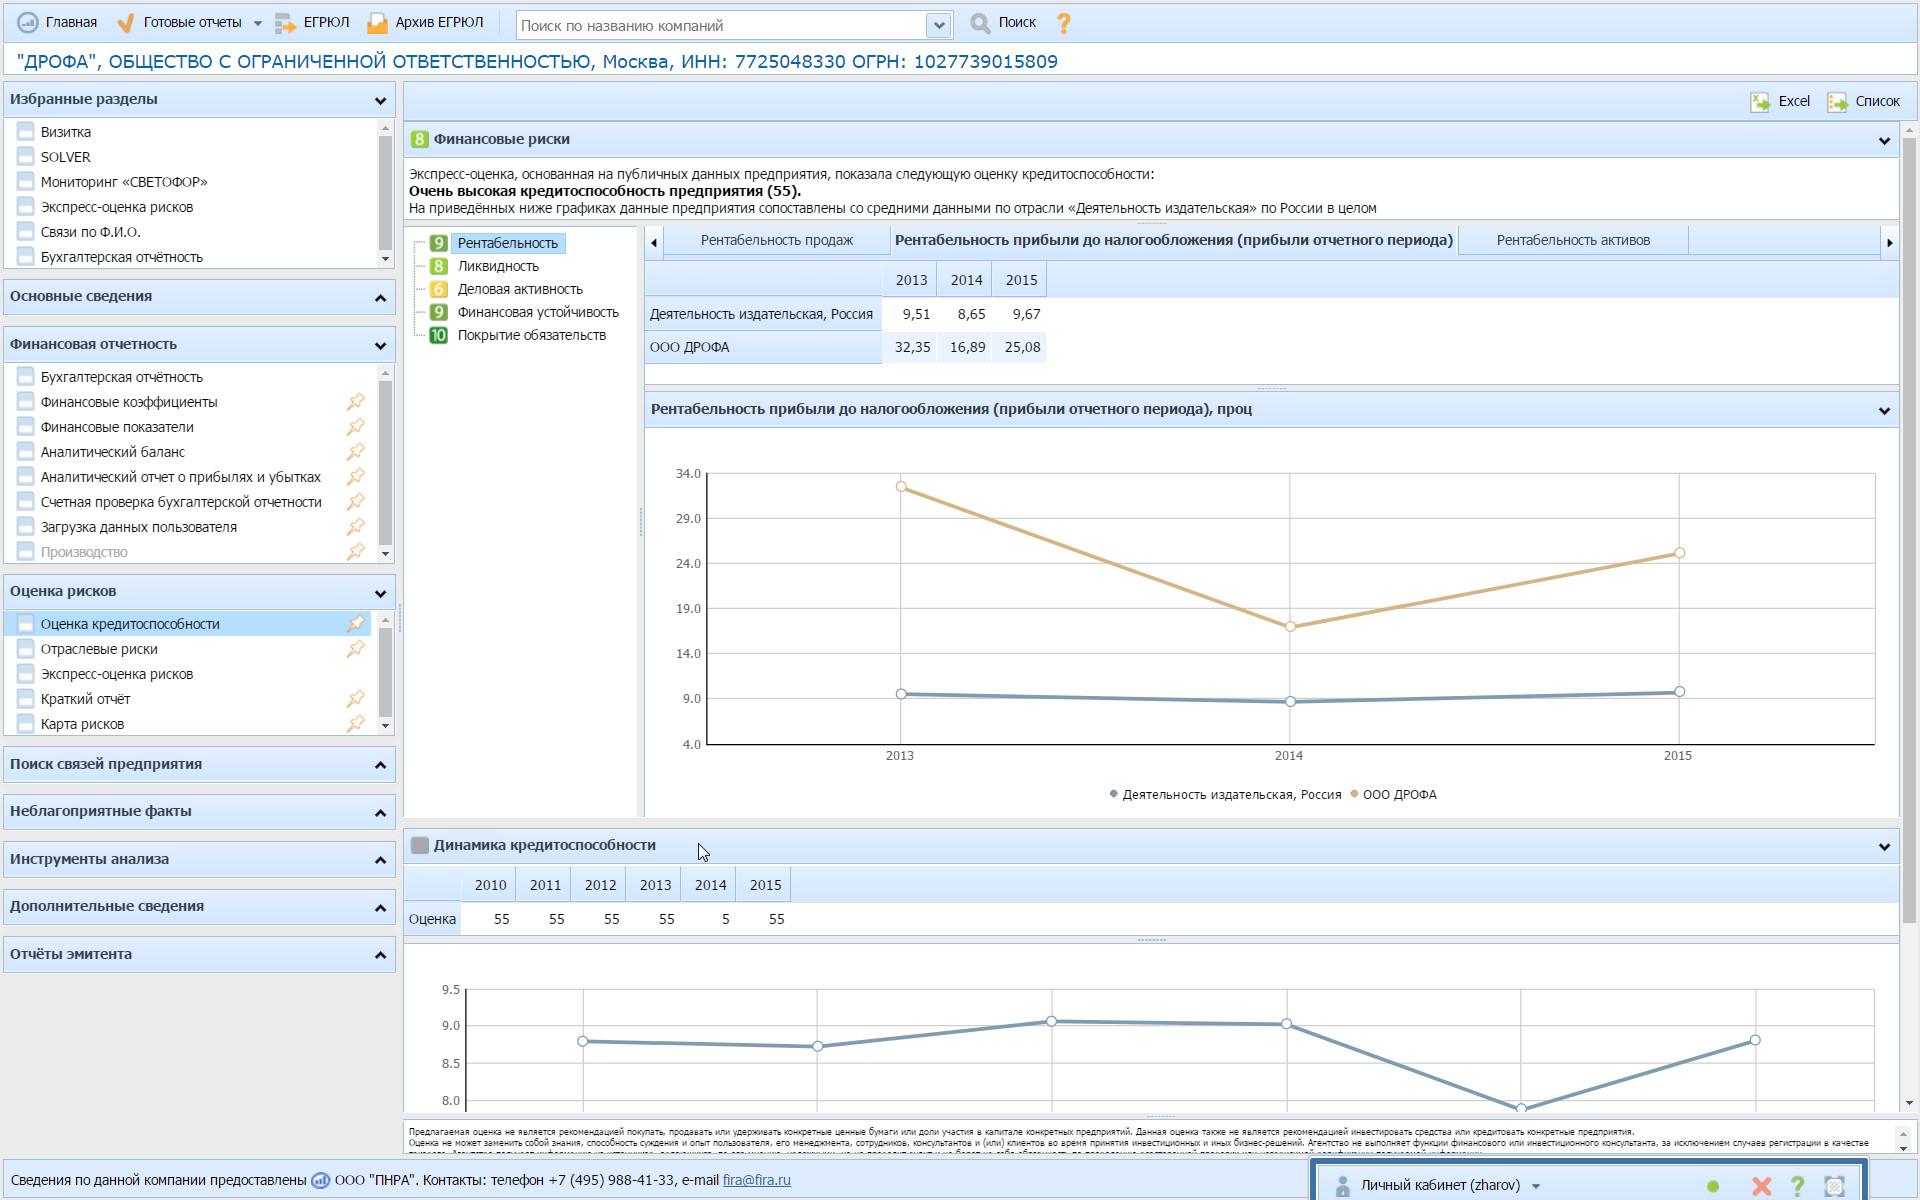 FIRA PRO: Финансовый анализ и оценка кредитоспособности